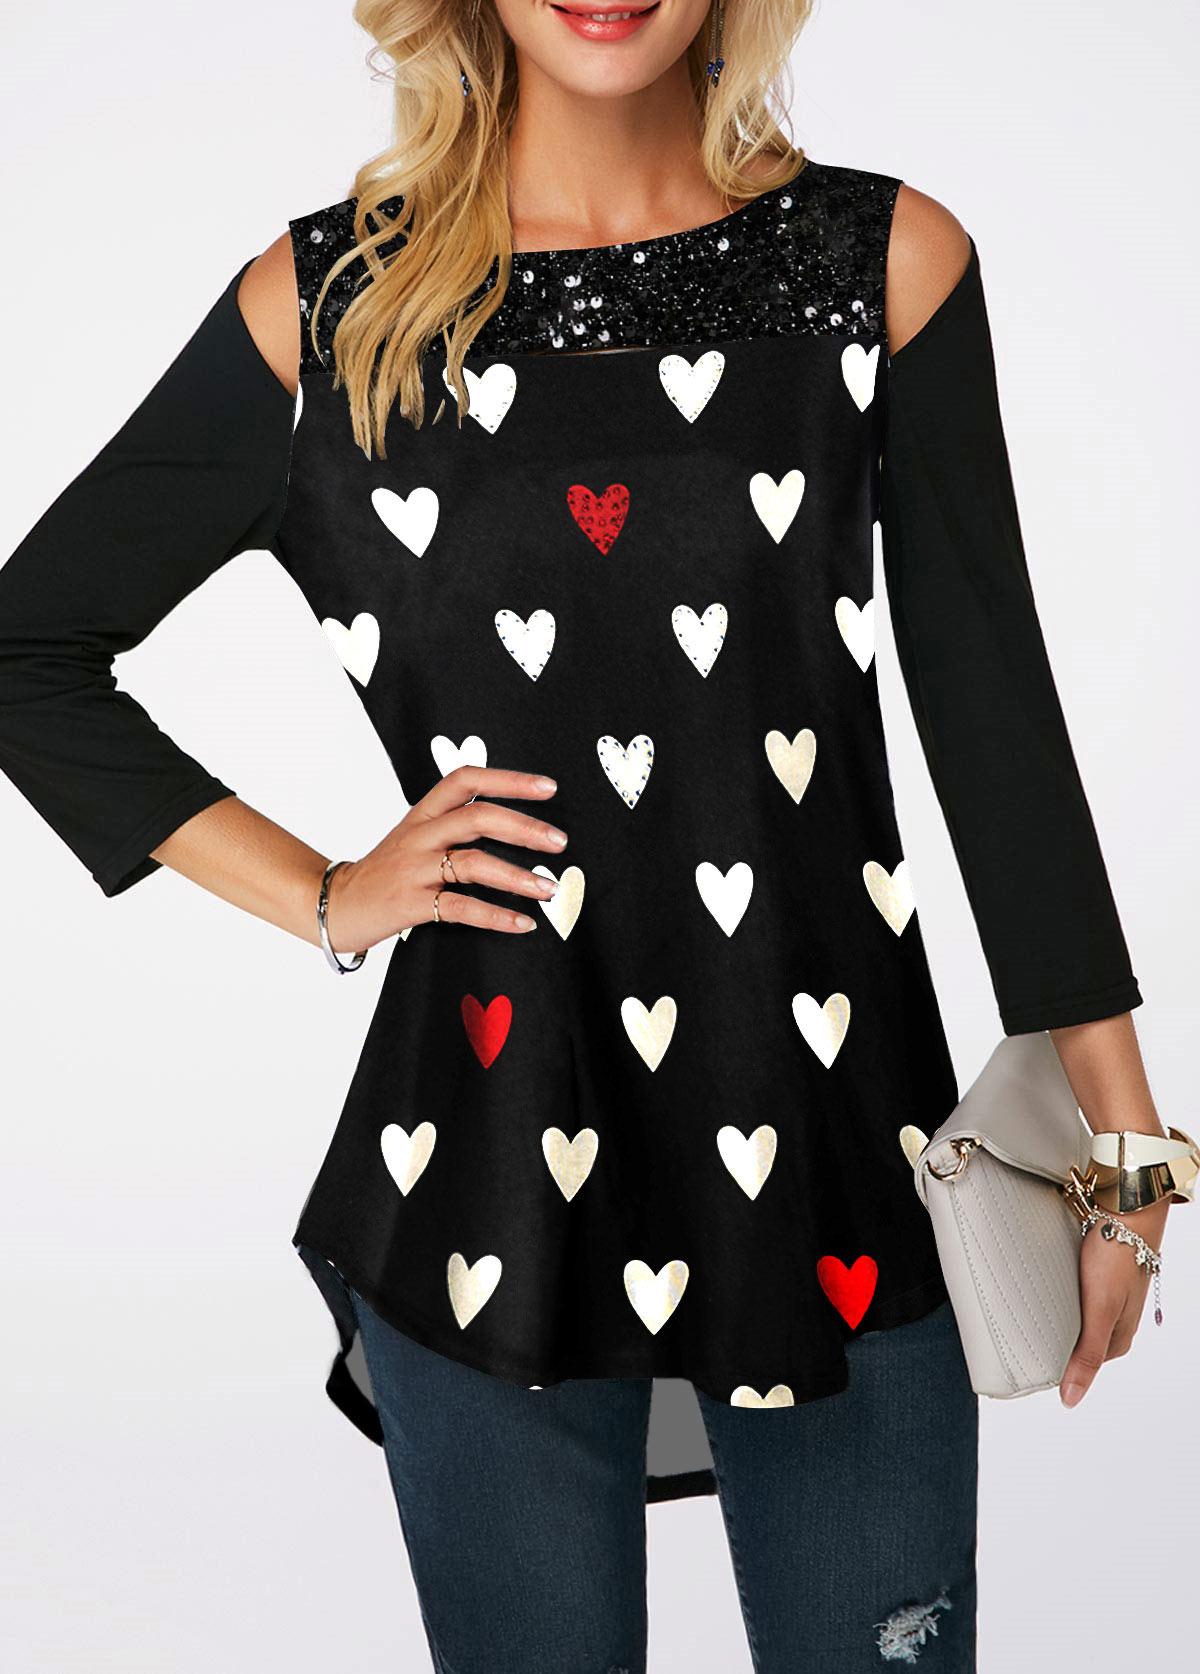 Cold Shoulder Heart Print Sequin Embellished T Shirt